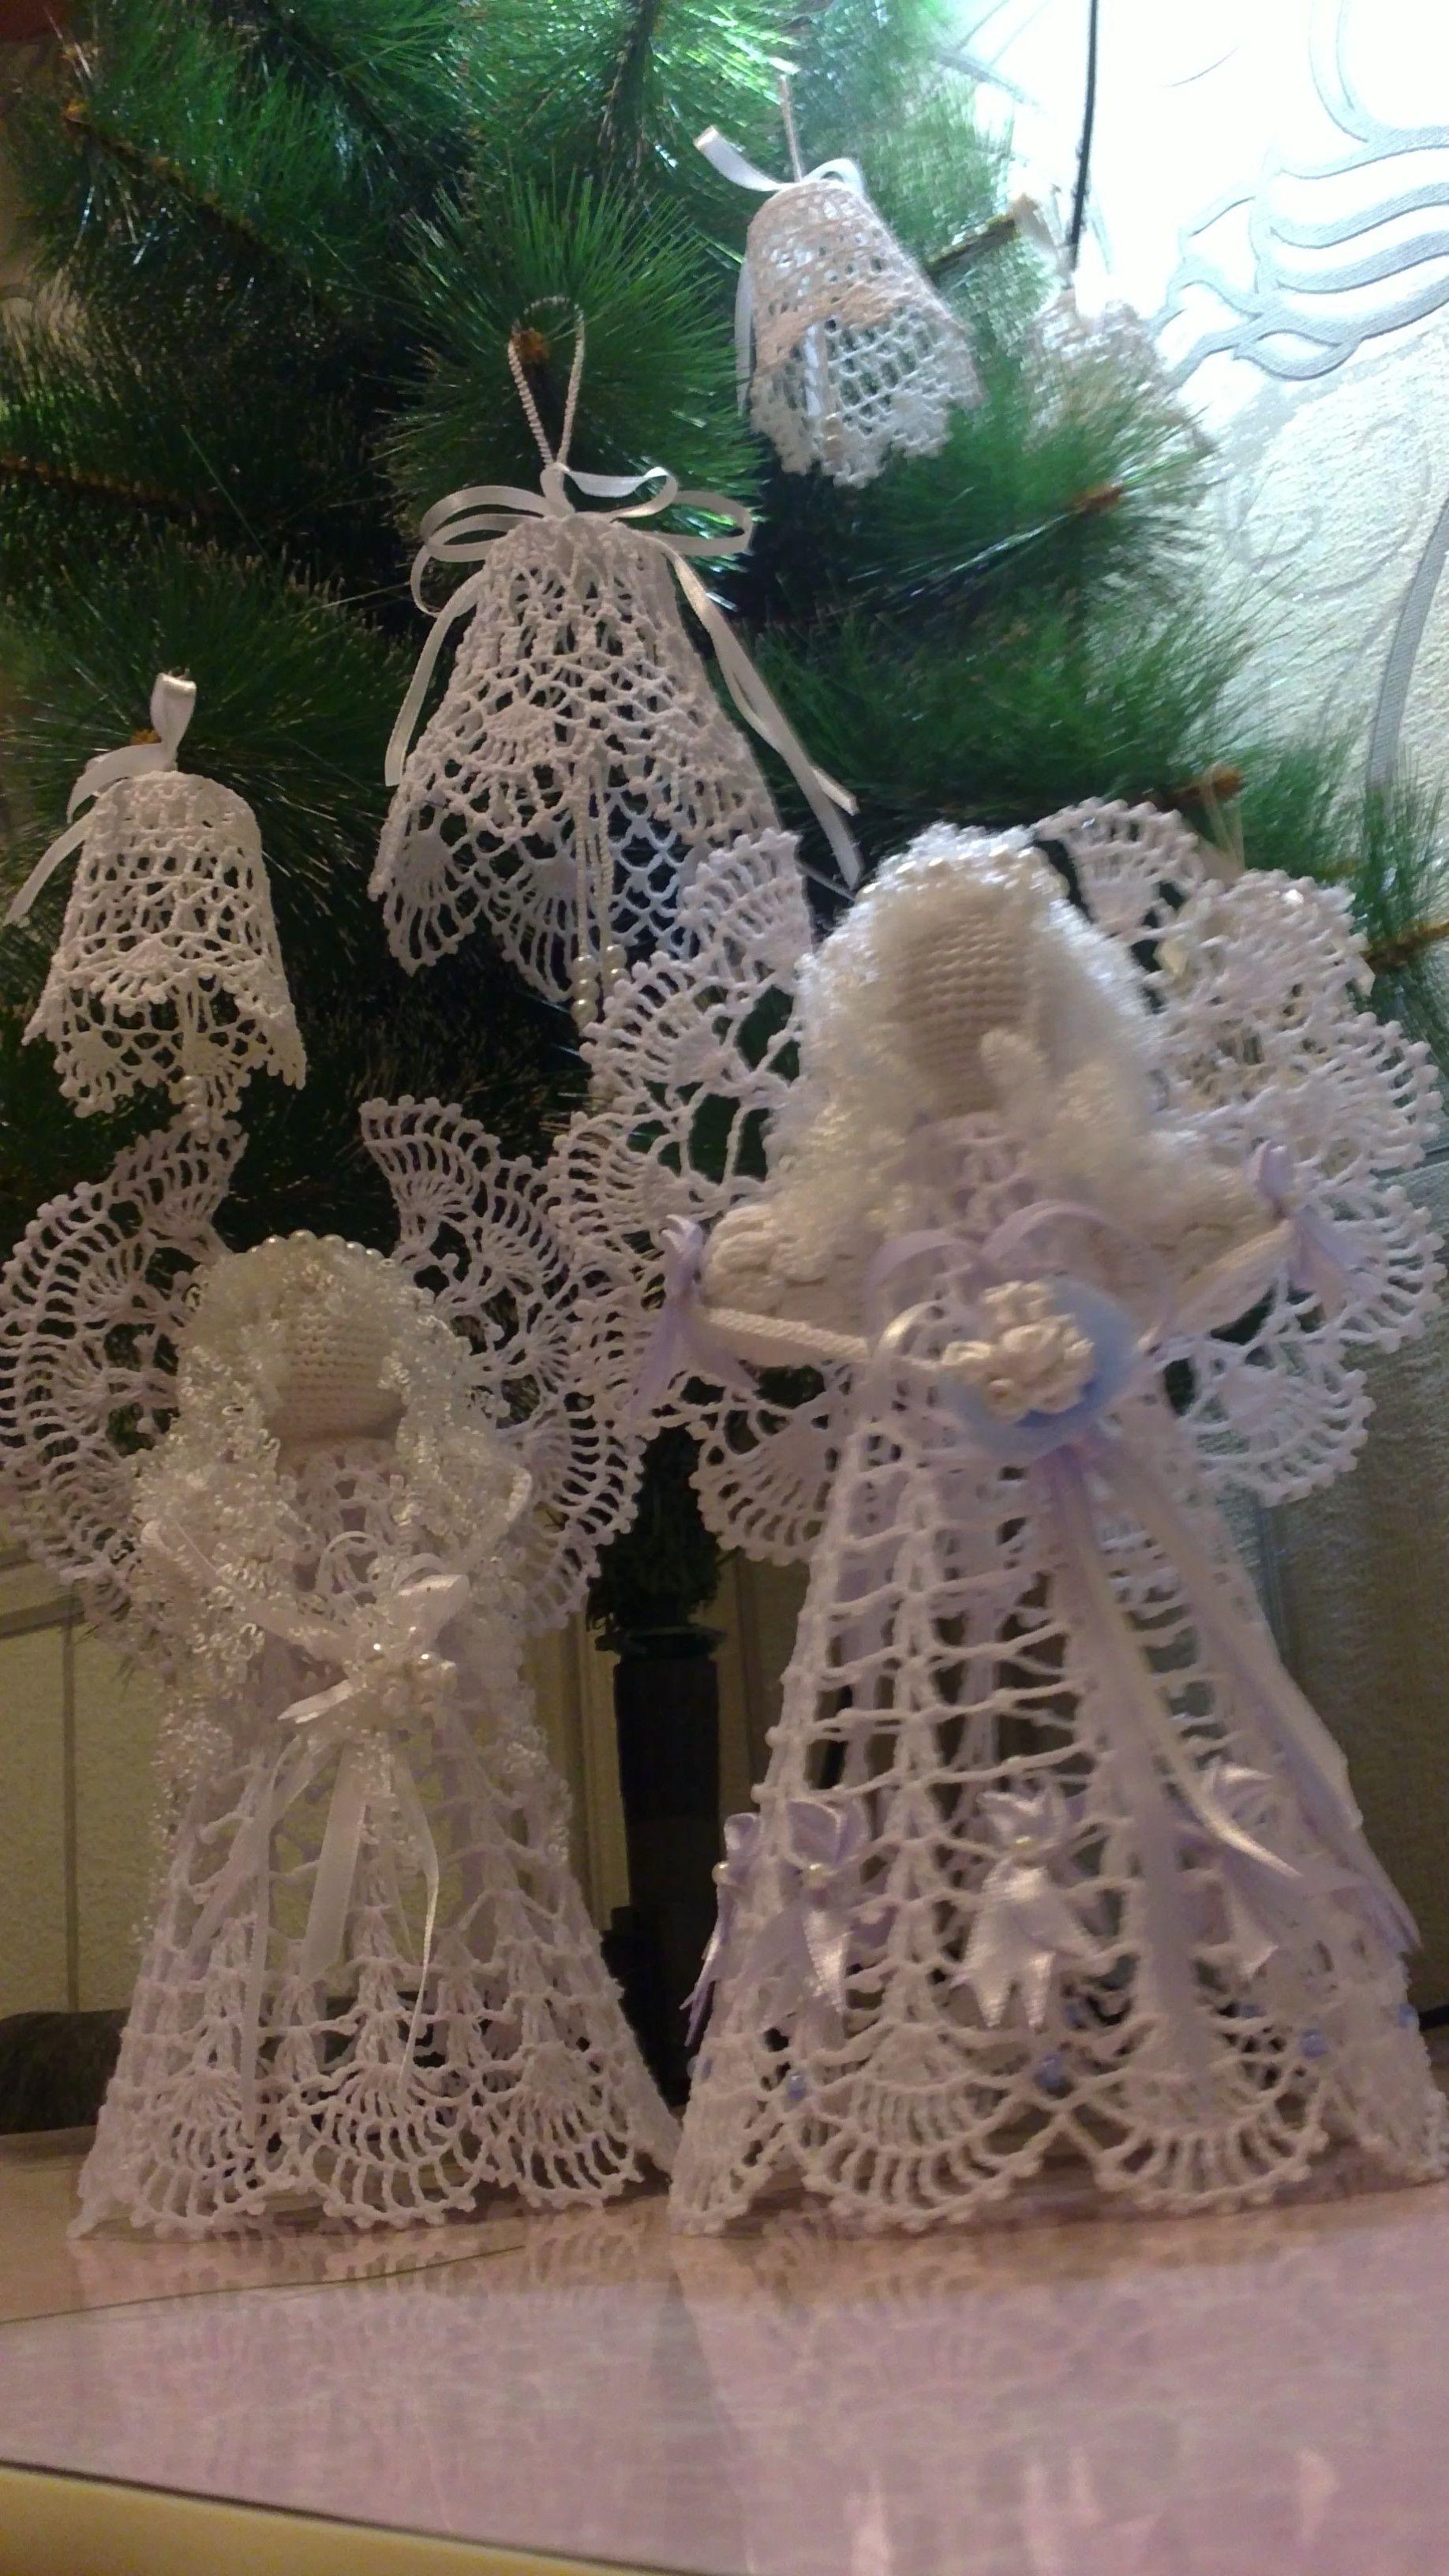 ажурный ручной работы новый ангел рождество год подарок